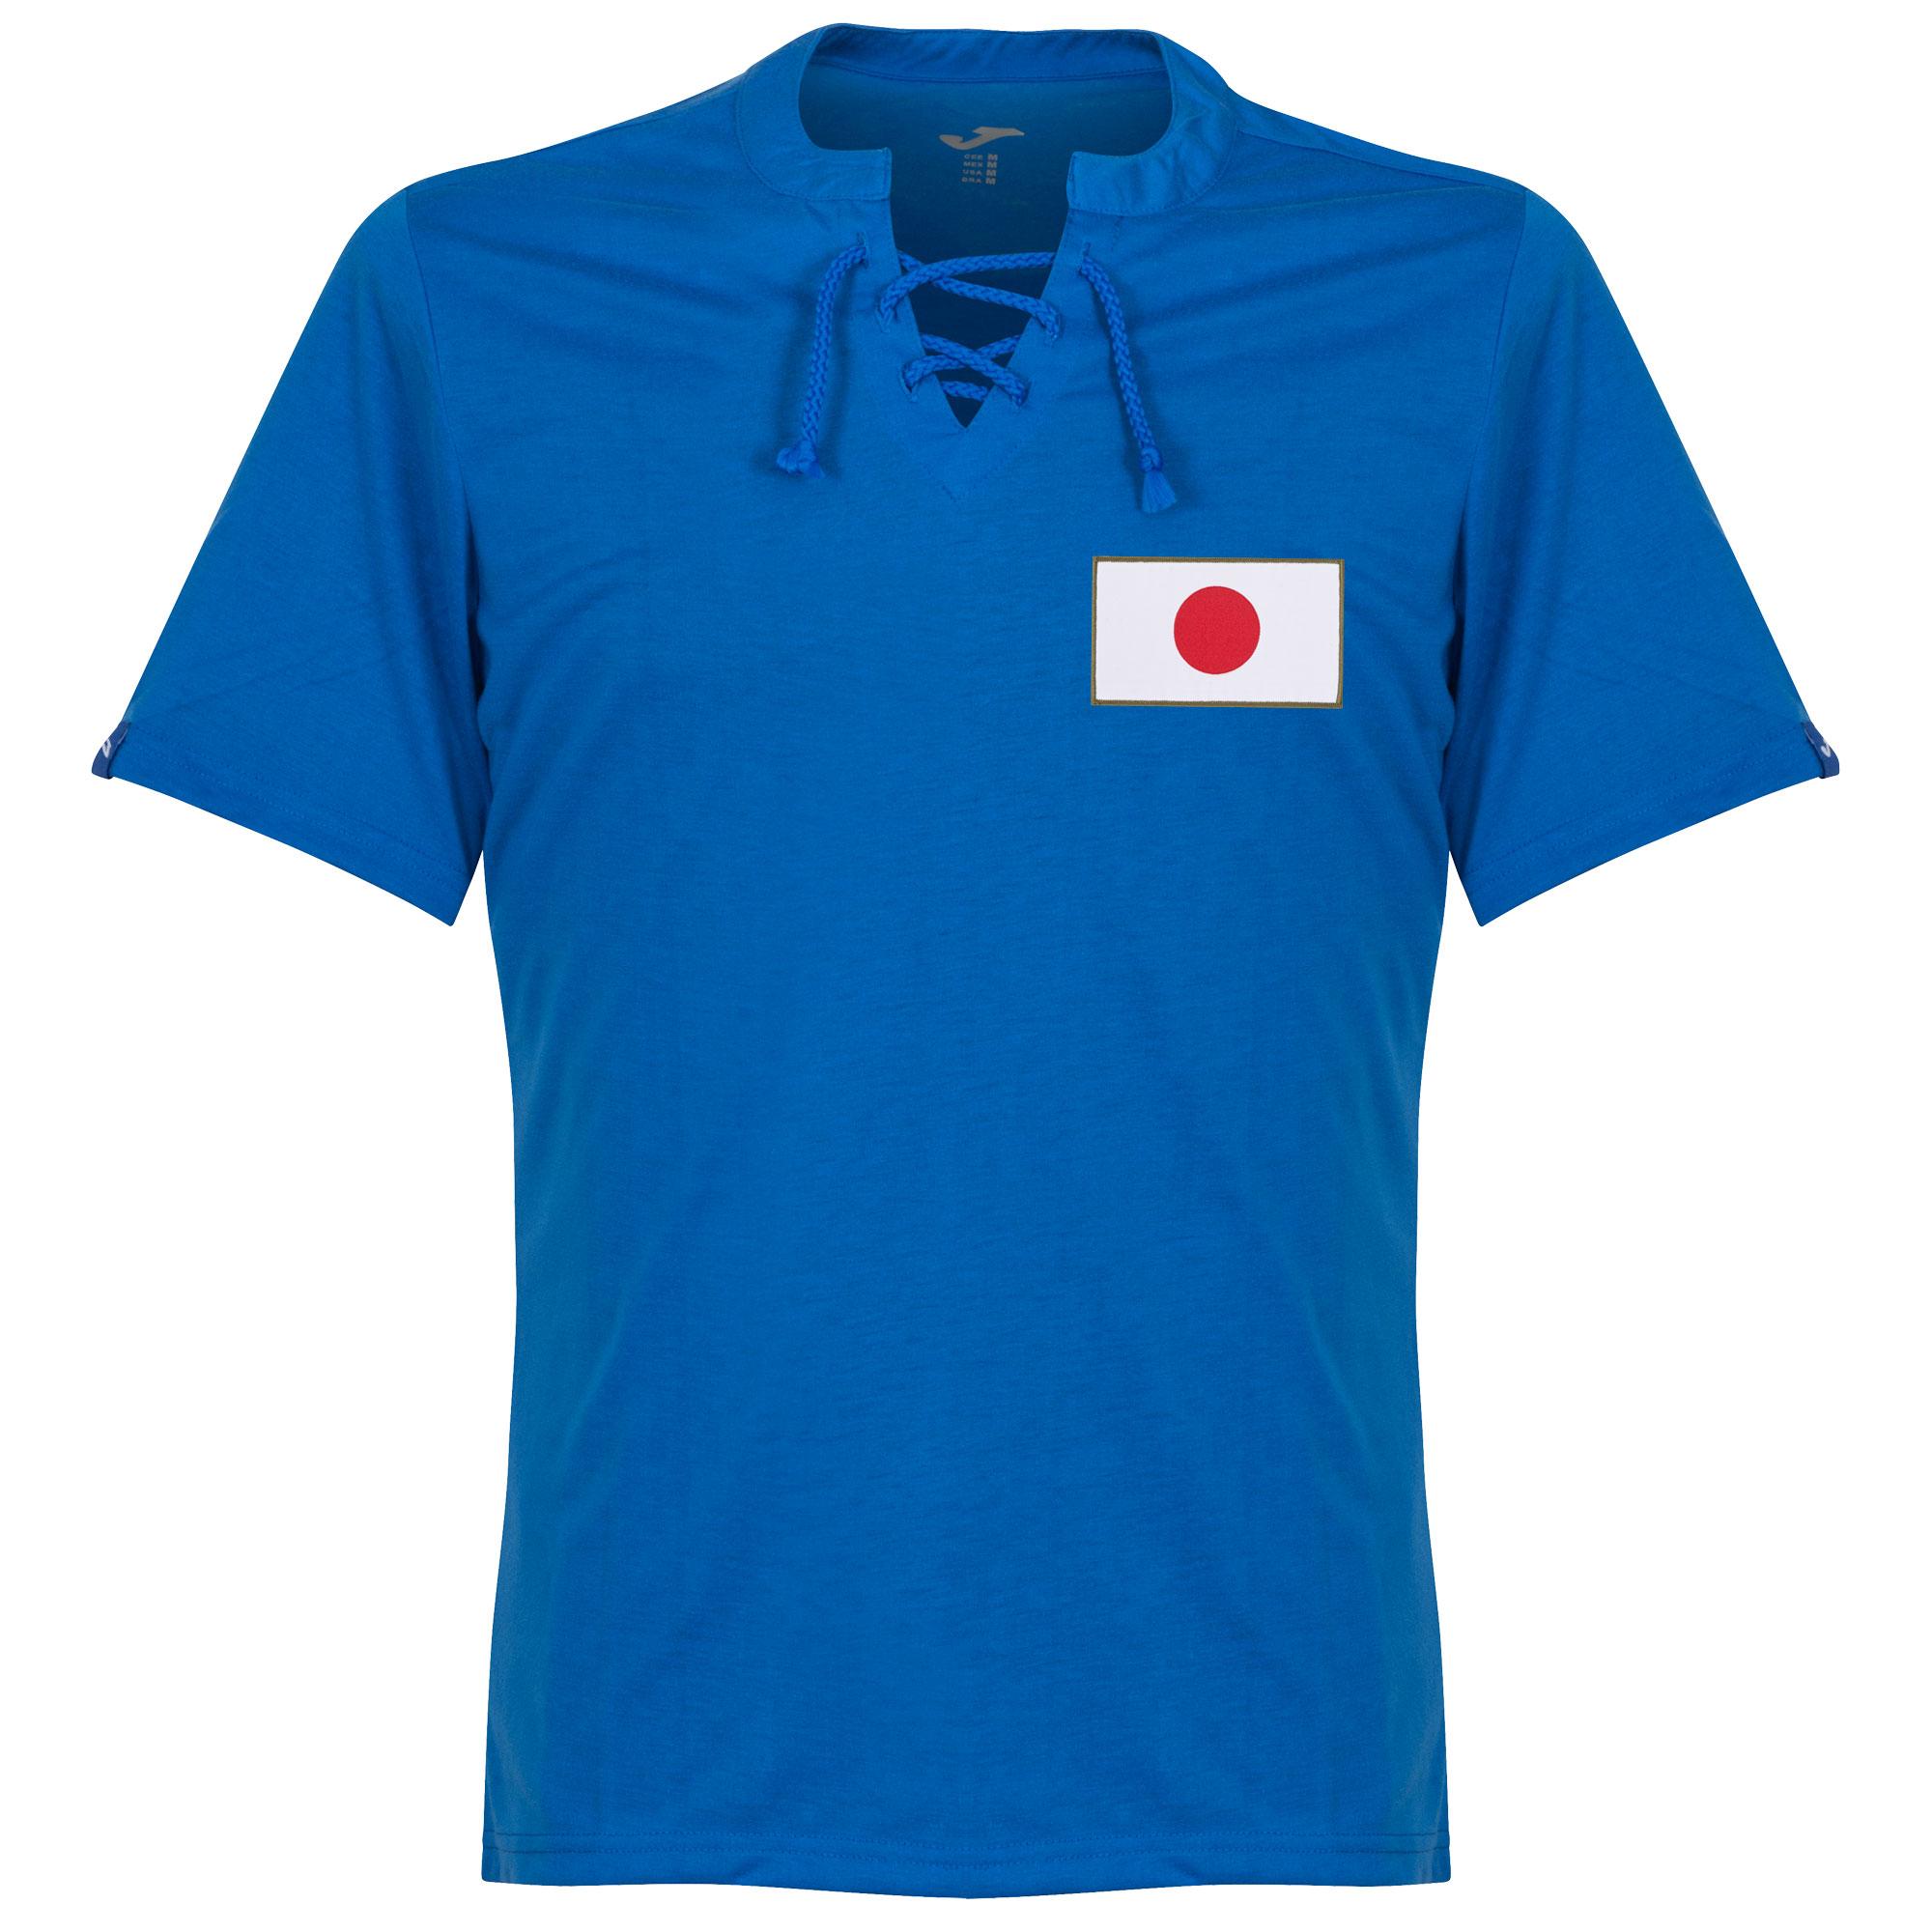 Japan 1950s Retro Shirt - Royal